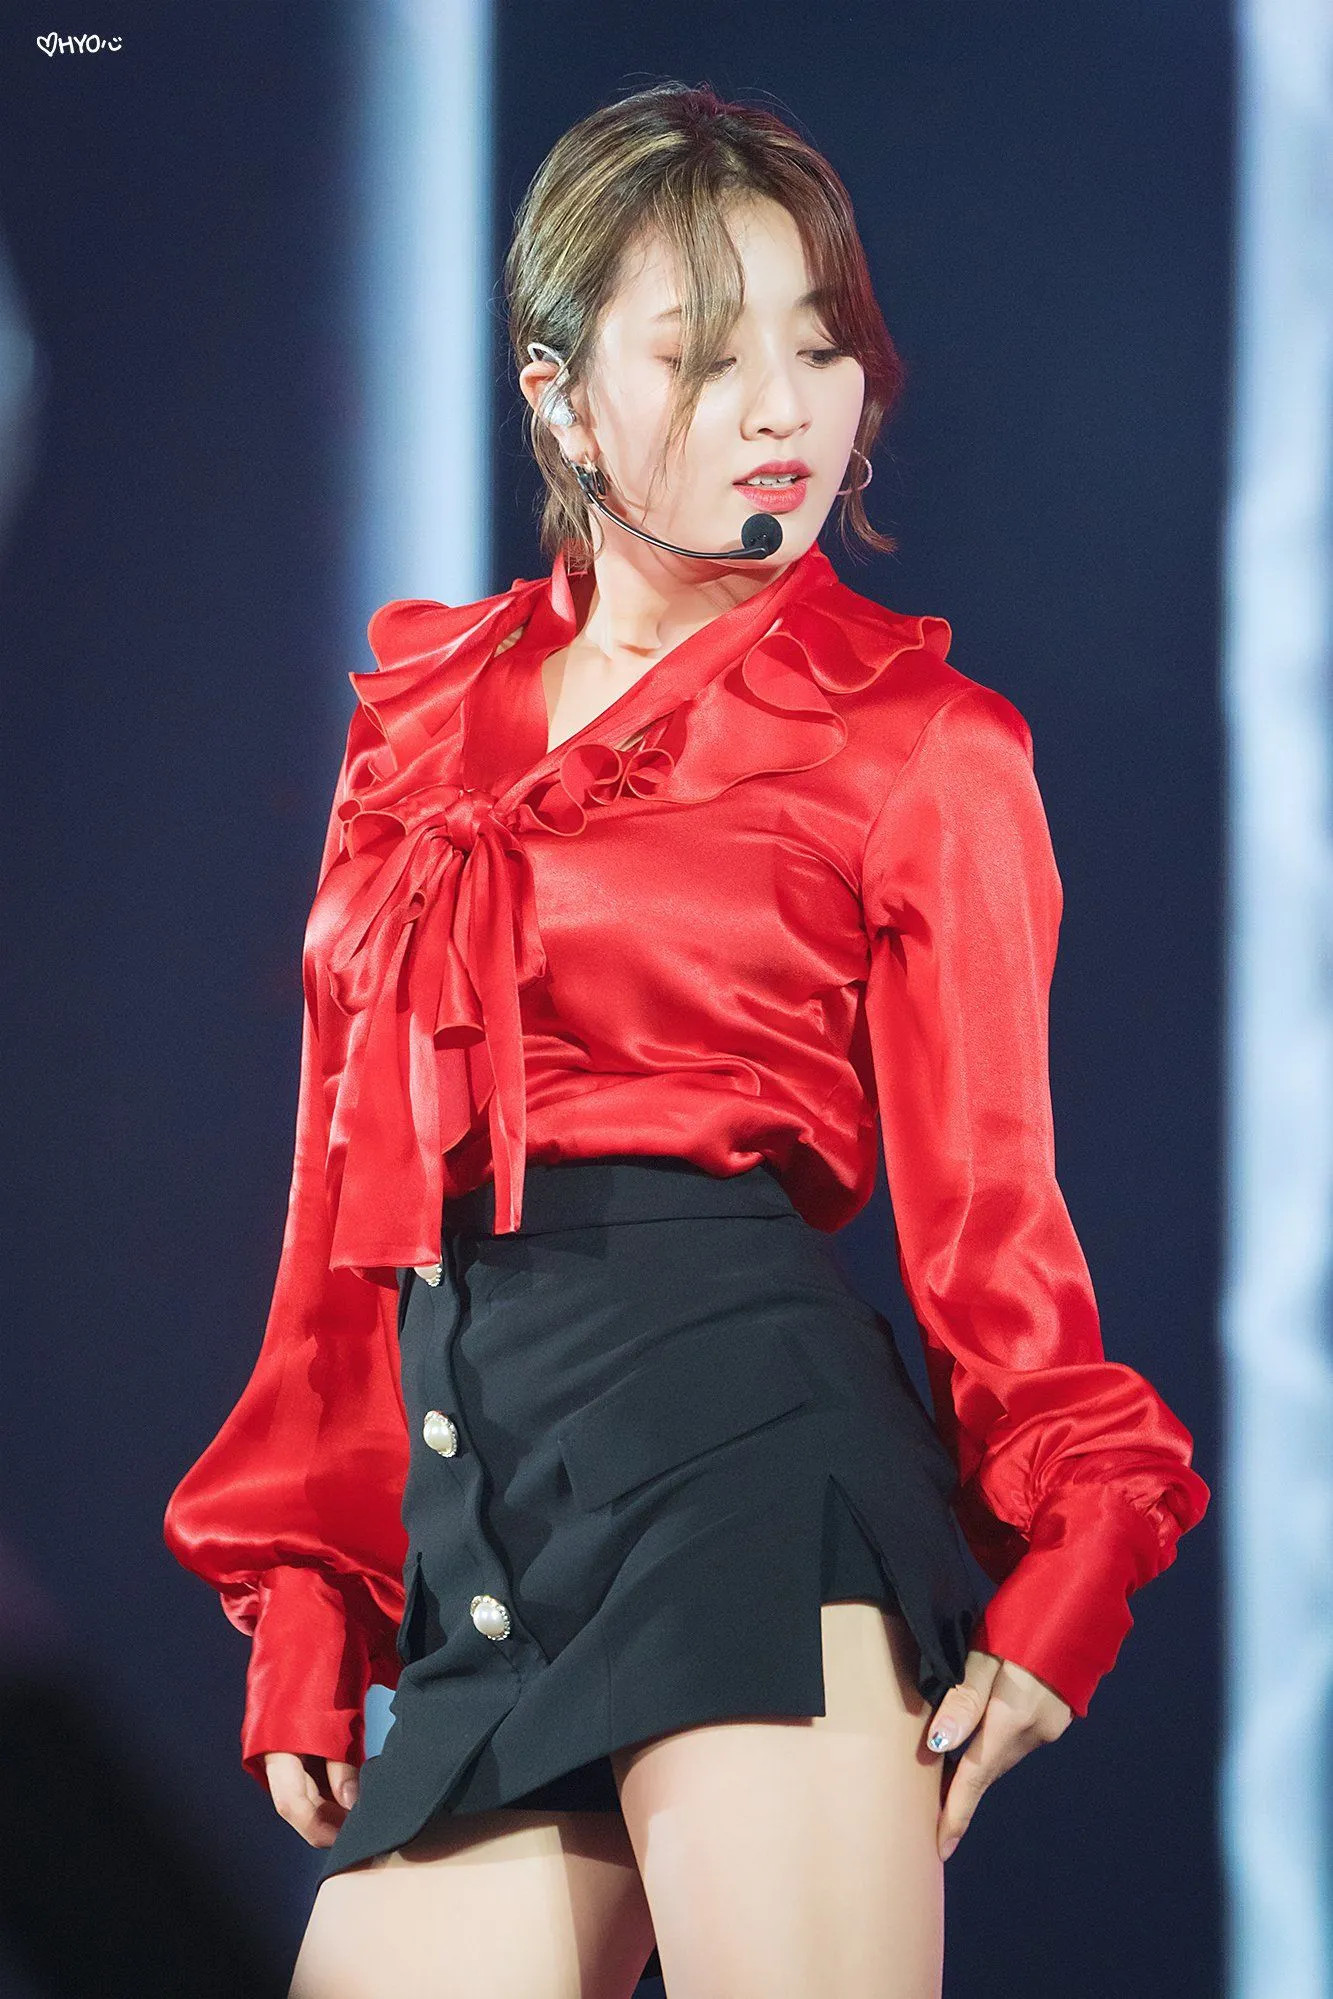 セクシーな赤色のサテンドレスを着てるTWICEジヒョ11